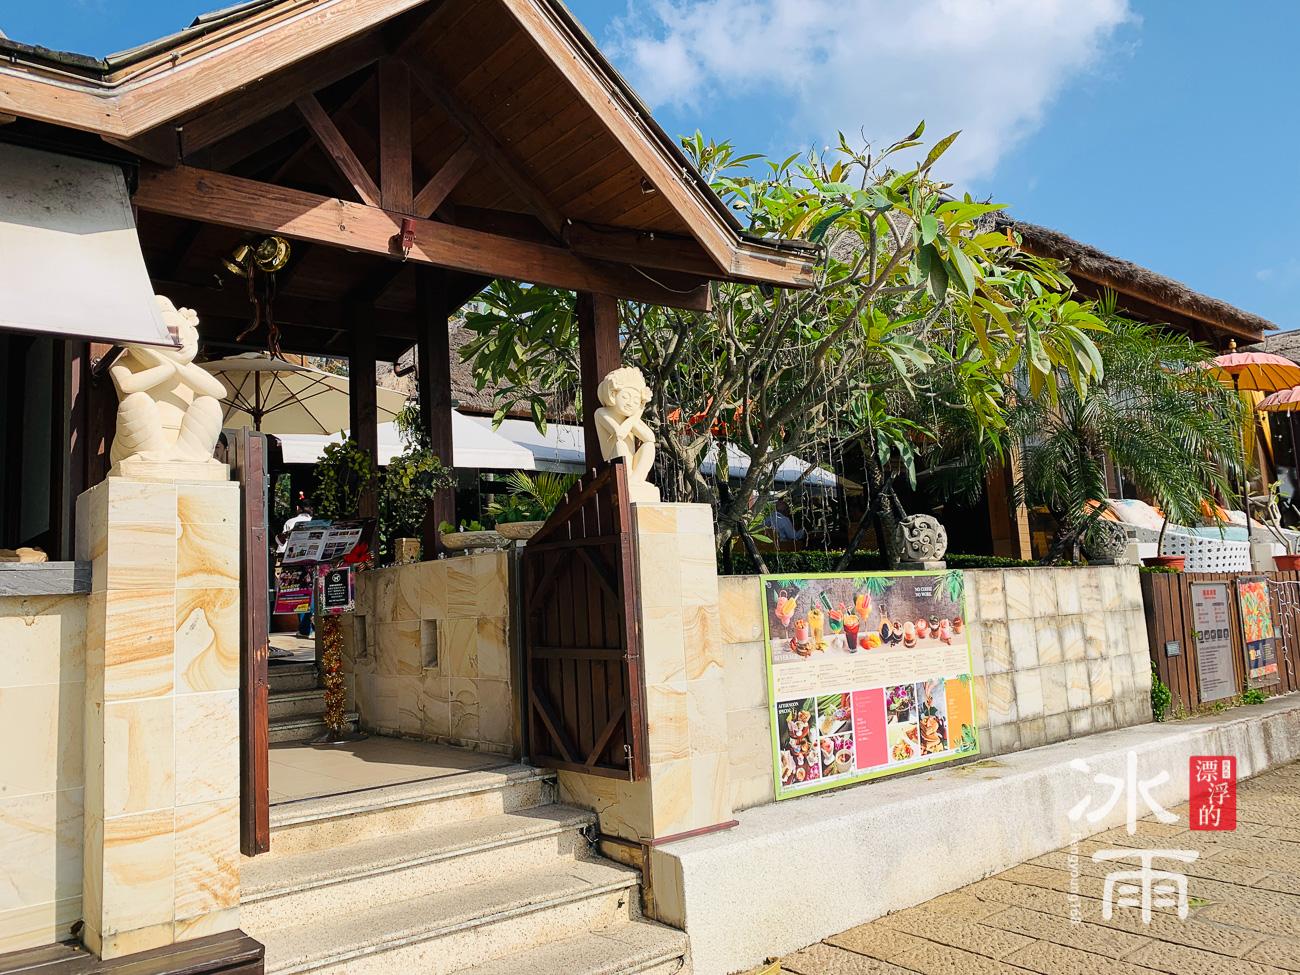 裝飾濃厚的巴厘島風格